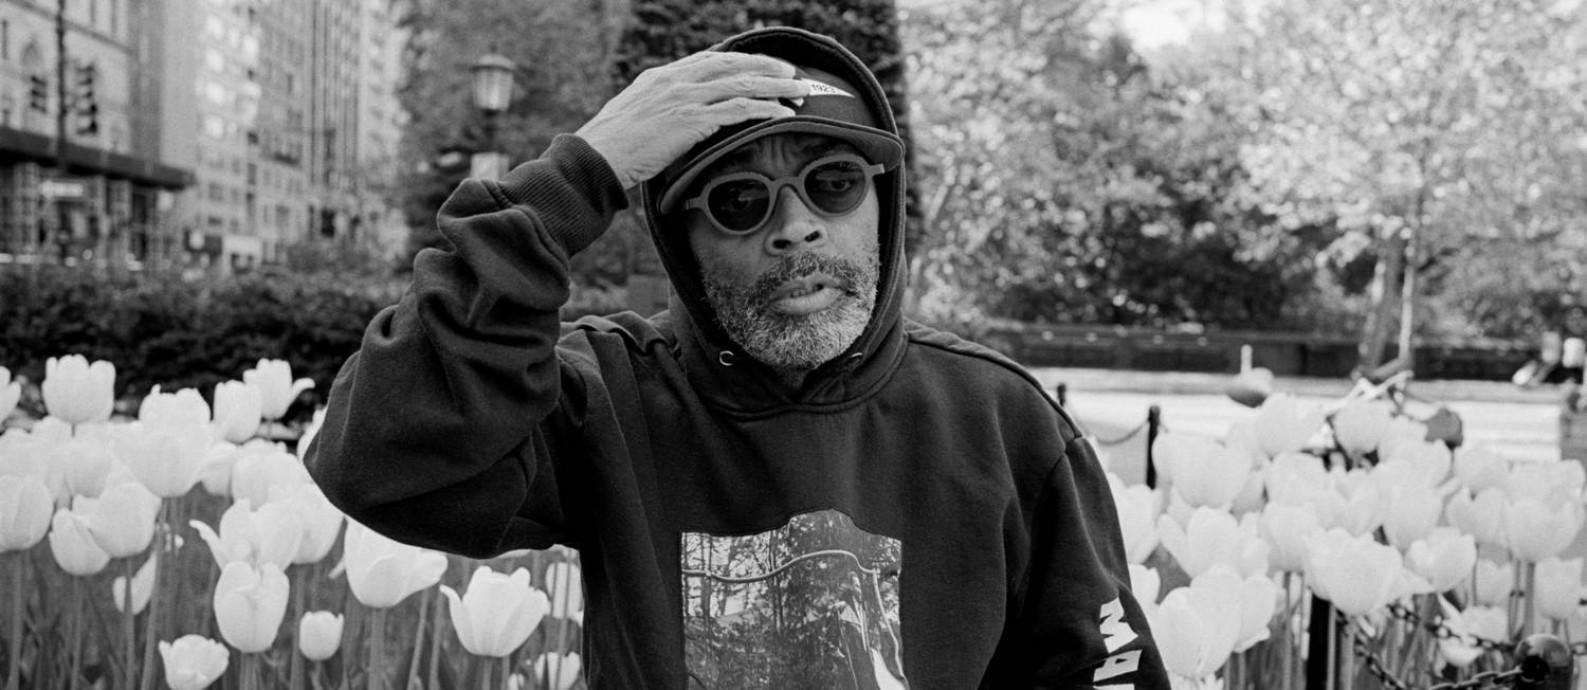 O diretor Spike Lee na frente de sua casa em Nova York Foto: ANDRE D. WAGNER/new york times / NYT